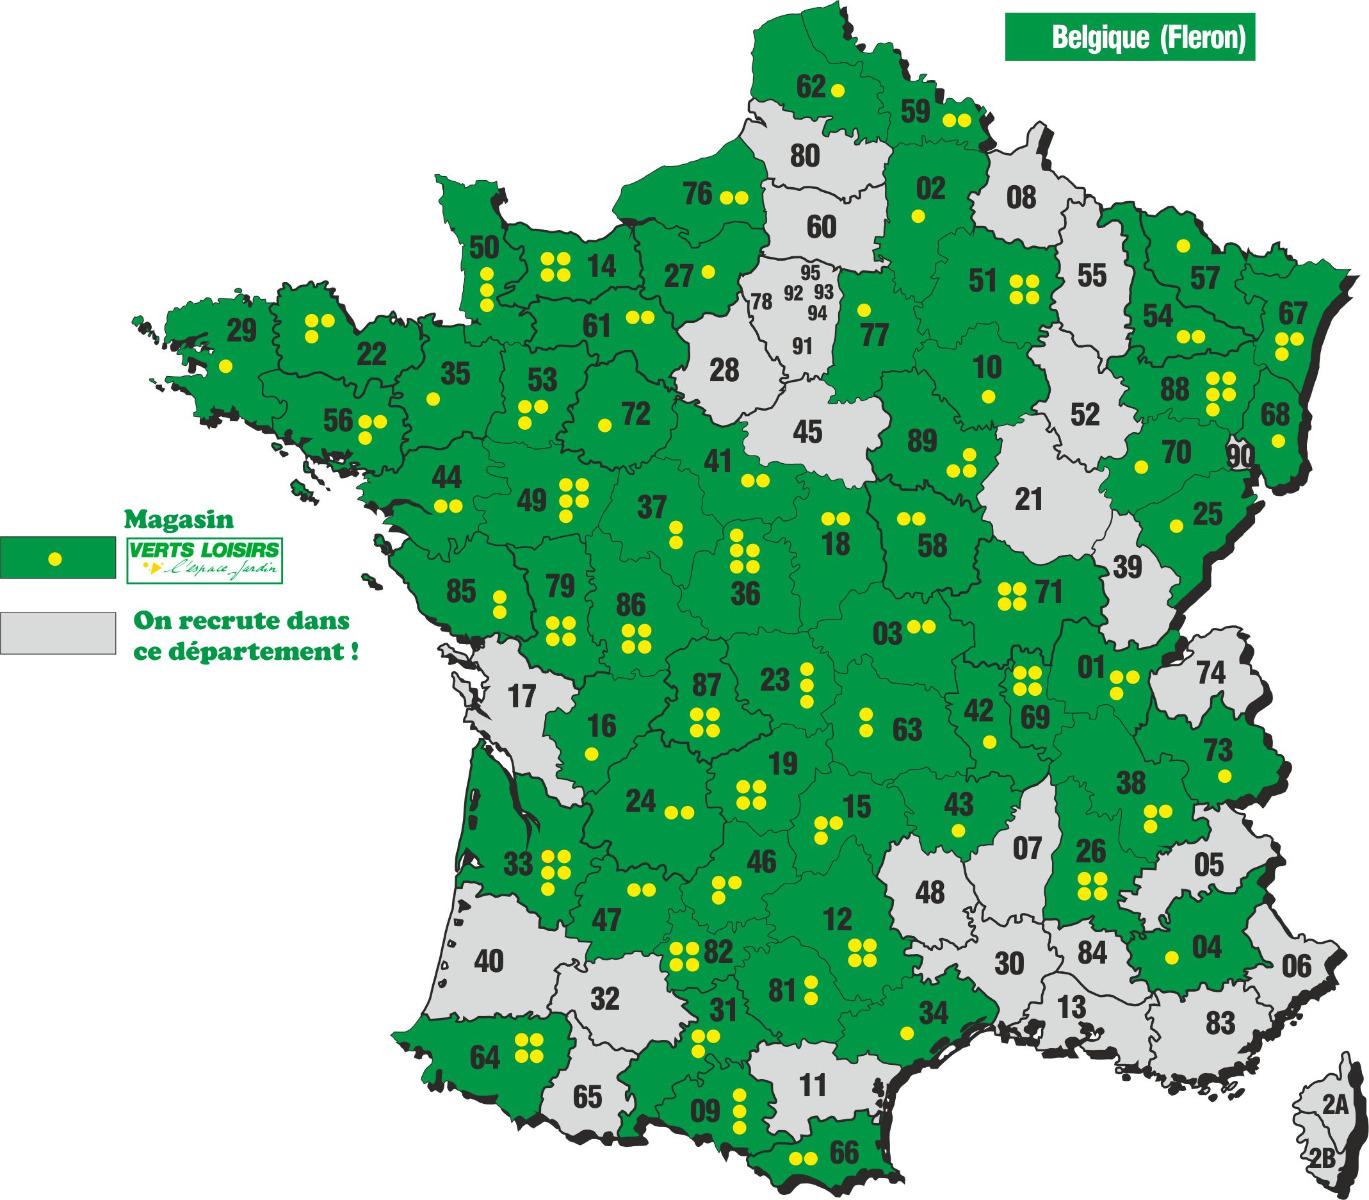 La carte de France du réseau Verts Loisirs